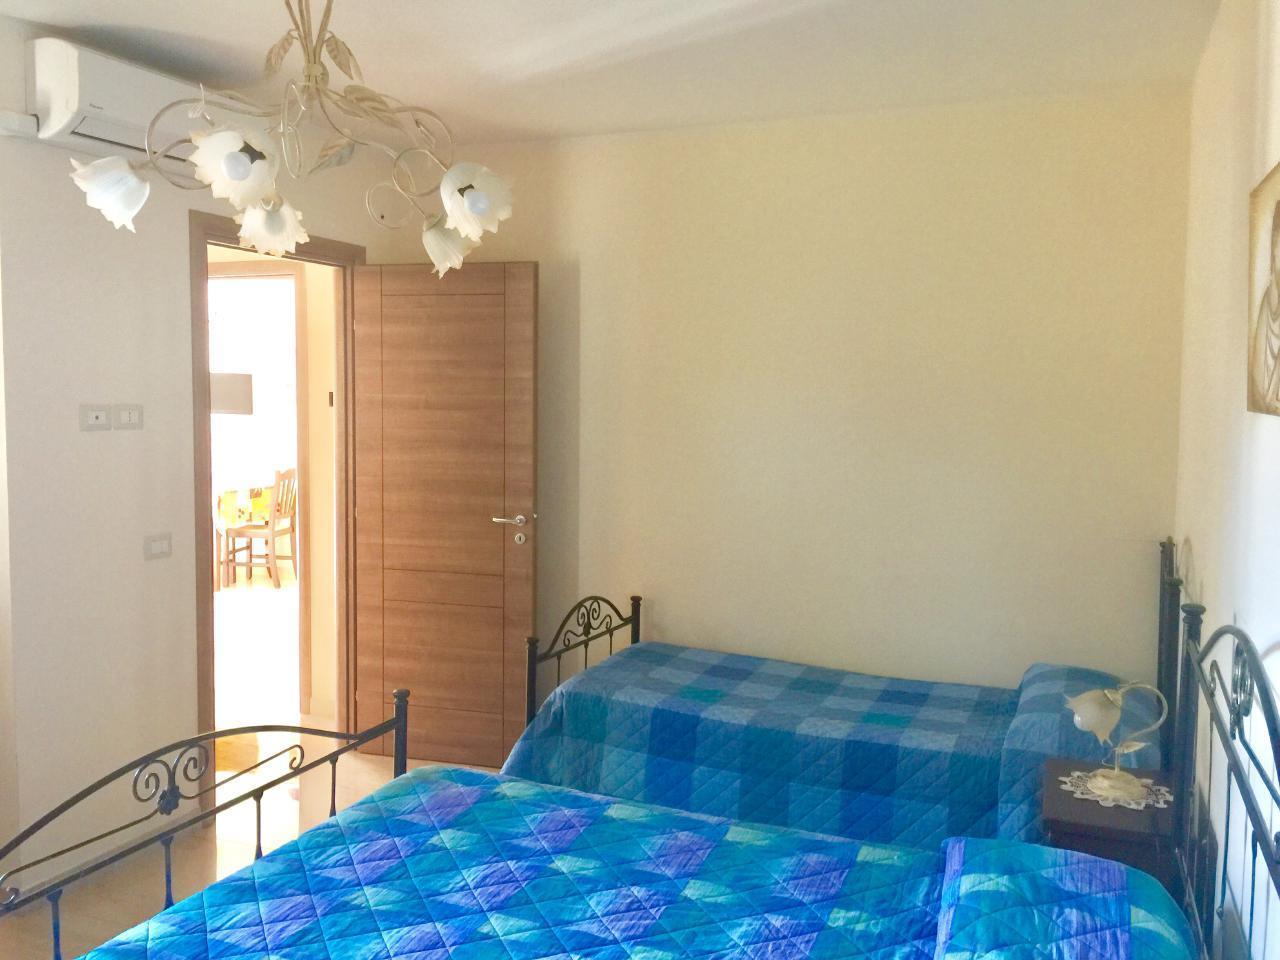 Appartement de vacances Etna Royal View -  Zwei-Zimmer-Wohnung mit Blick auf den Garten (2182582), Trecastagni, Catania, Sicile, Italie, image 23